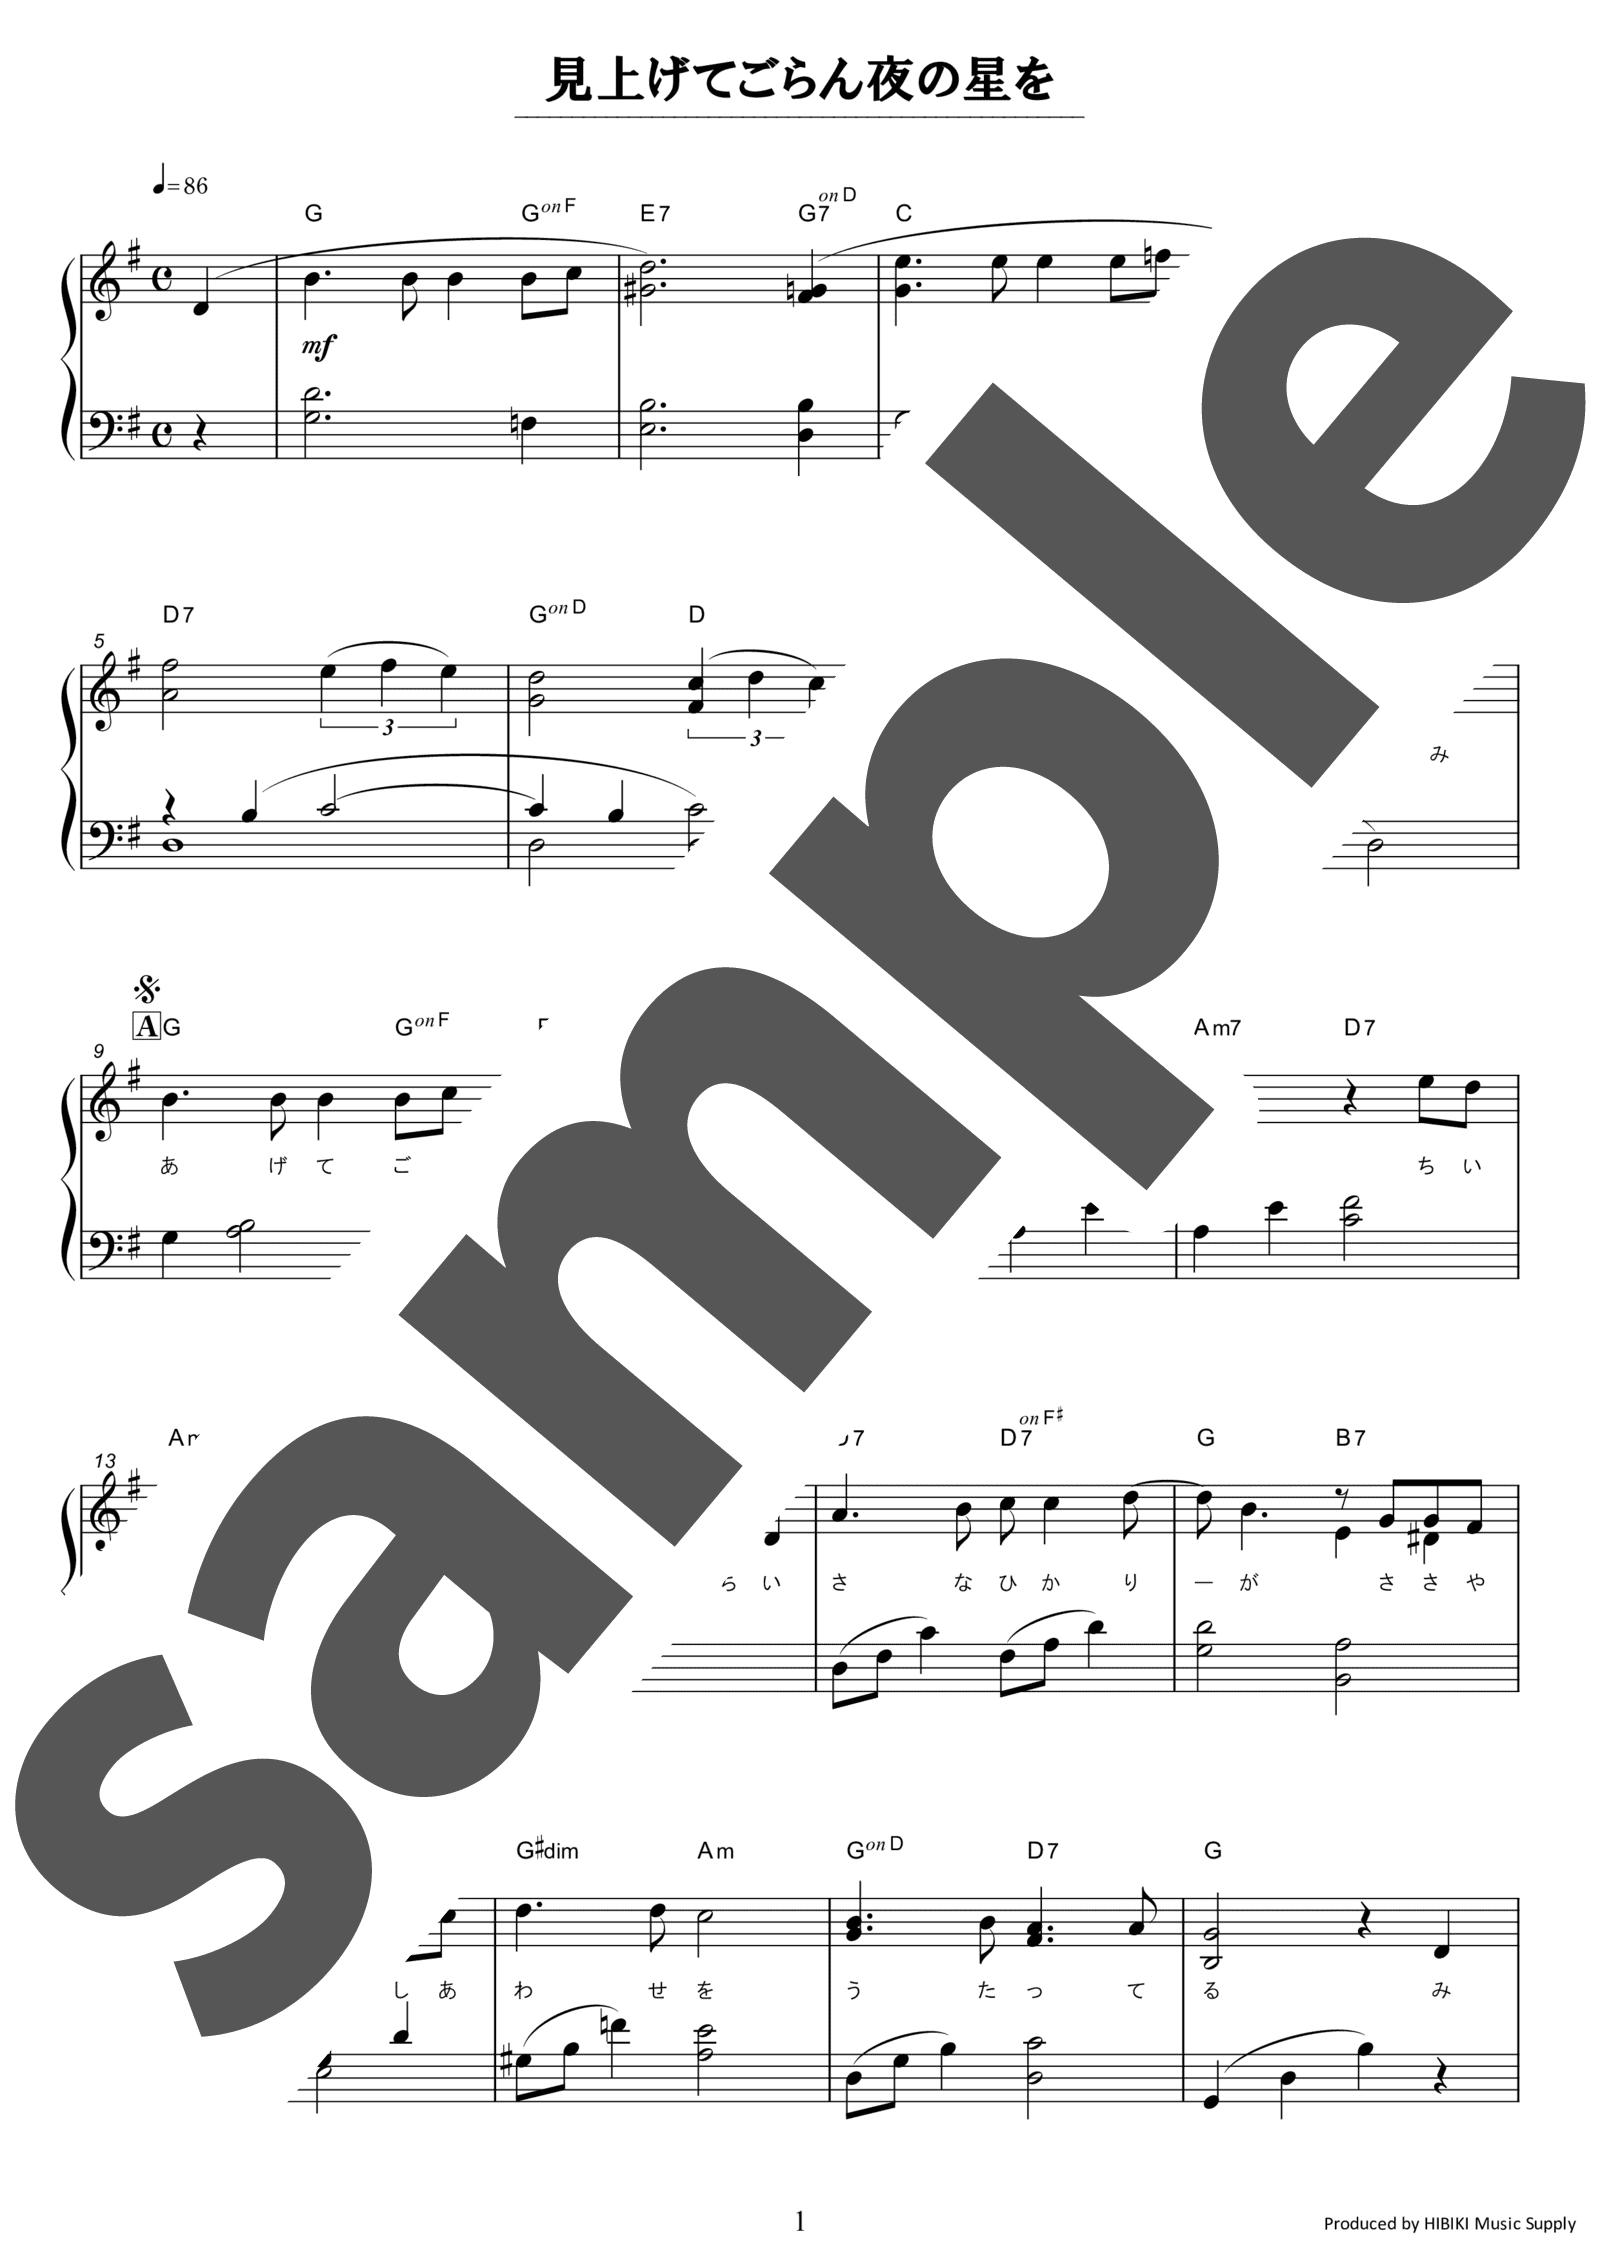 「見上げてごらん夜の星を」のサンプル楽譜